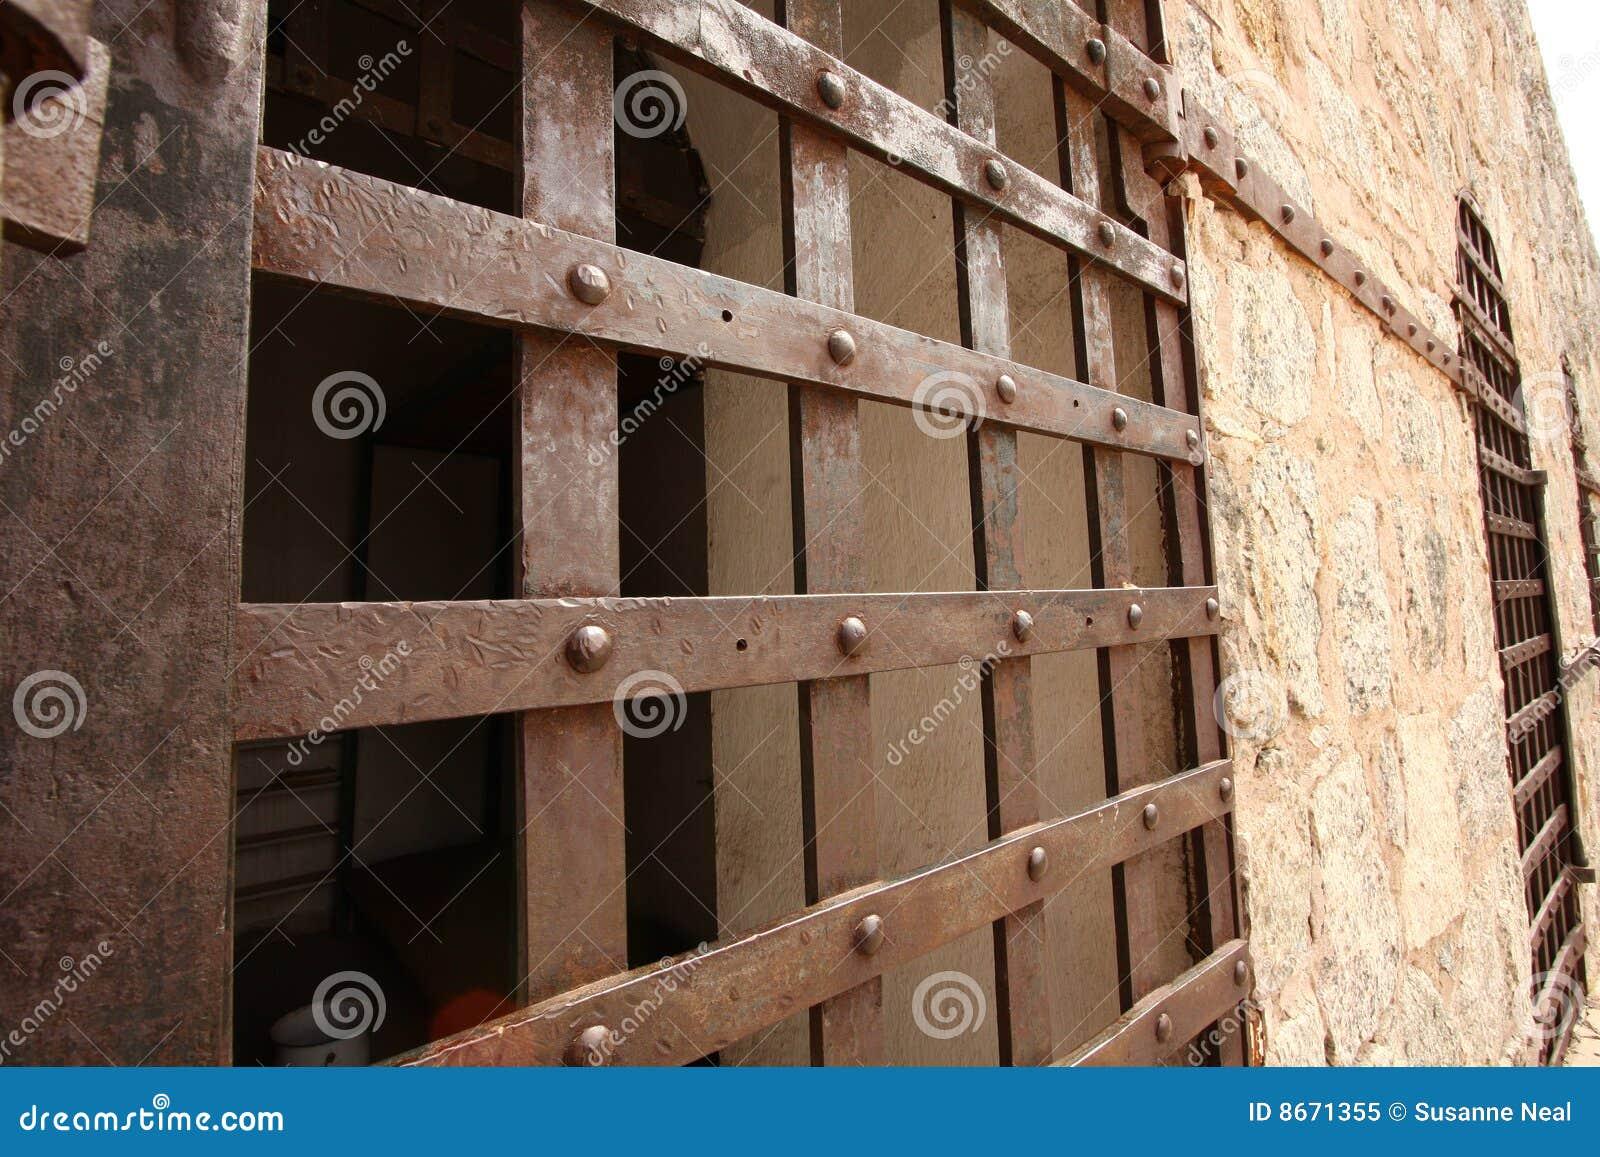 De historische deur van de gevangeniscel